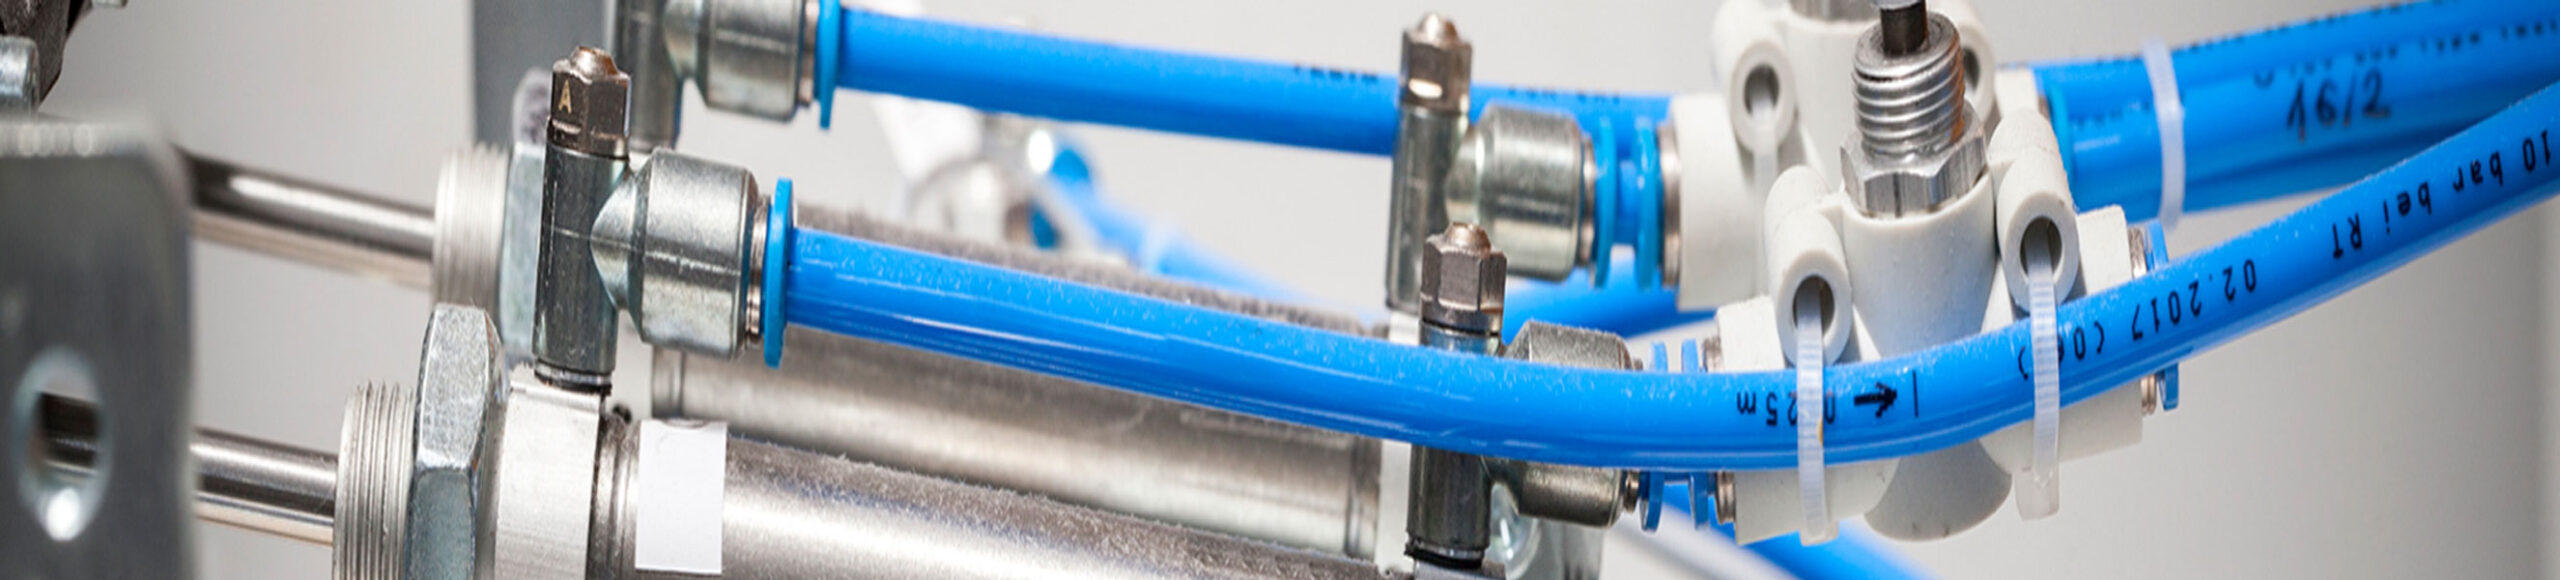 Dunlop Hiflex har produkter för Pneumatik såsom ventiler, cylindrar, regulatorer, kopplingar och slangar.